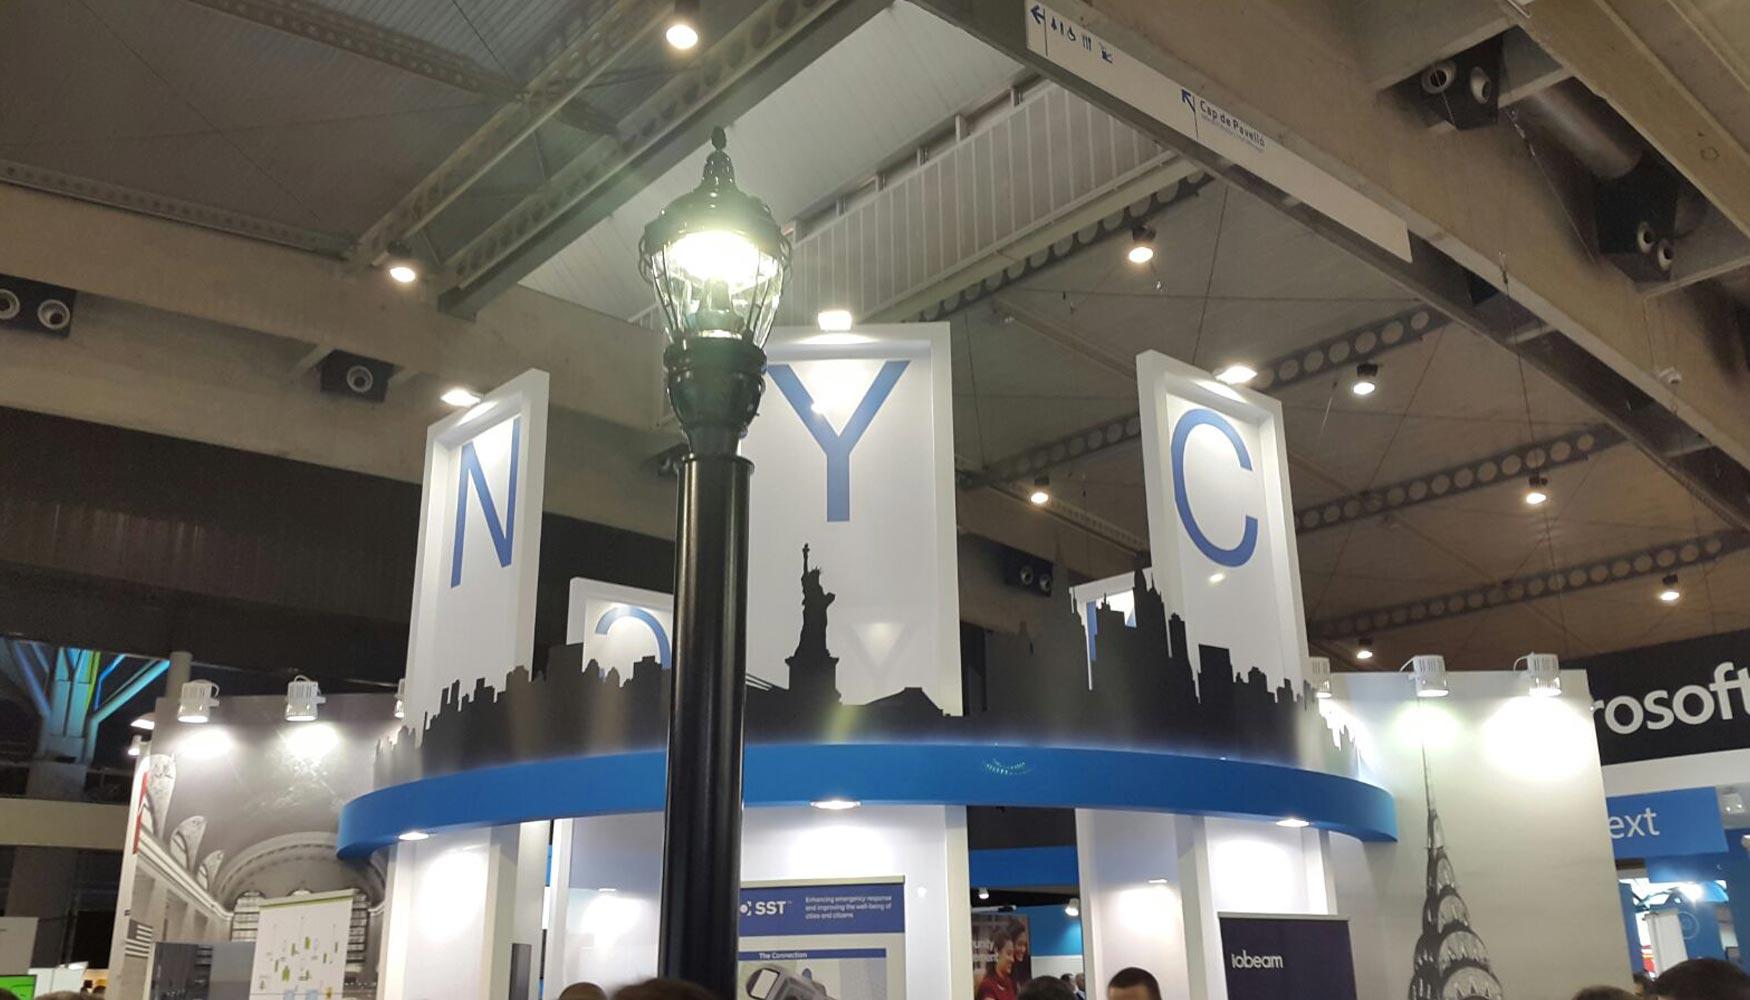 General electric presenta sus alianzas de tecnolog a led con diferentes aplicaciones para las - General electric iluminacion ...